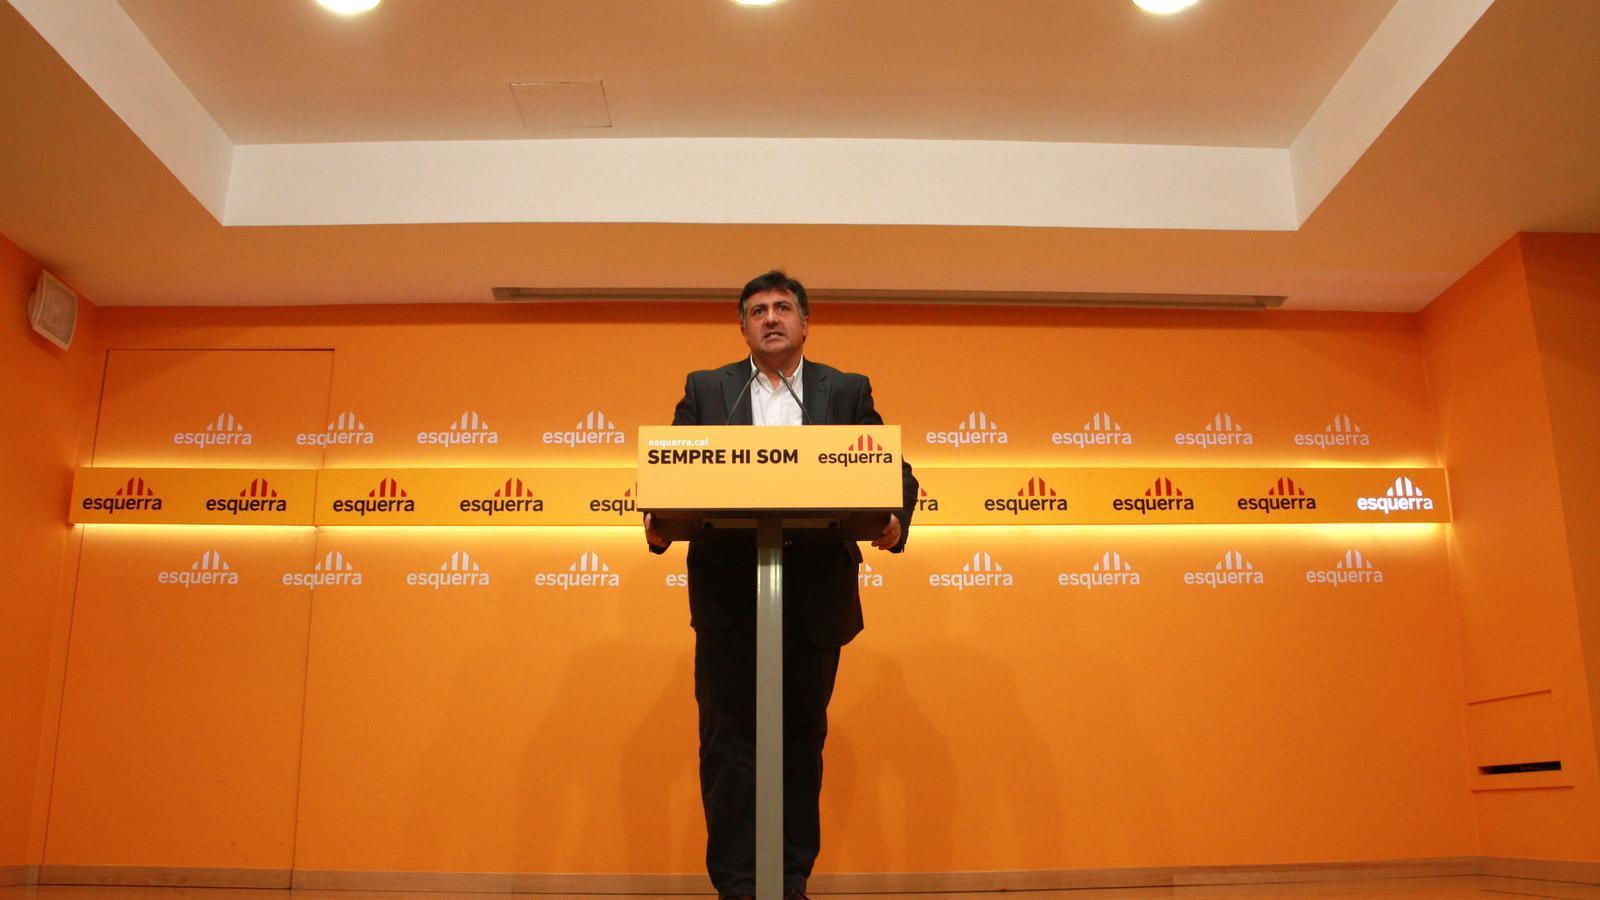 Un president interí Puigcercós va culpar del daltabaix el tomb del país  a la dreta, el càstig als partits de govern i la sensació que ERC ja és 'establishment'. Trajectòria independent Tot i que no es va afiliar a ERC fins al febrer, és regidor des  del 2005, ha estat cap de llista el 2007 i el 2011 i va esdevenir eurodiputat el 2009.